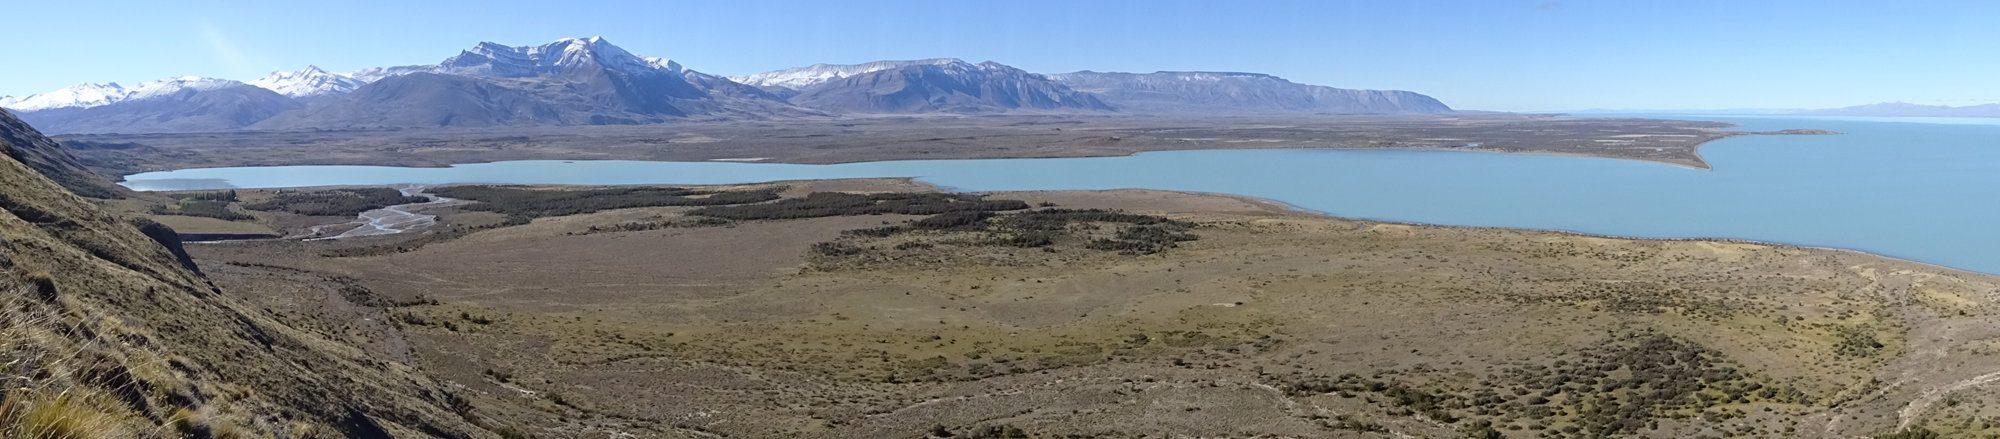 Panorama am Huemul Circuit, El Chaltén, Patagonien, Argentinien, Wanderung, Trekking